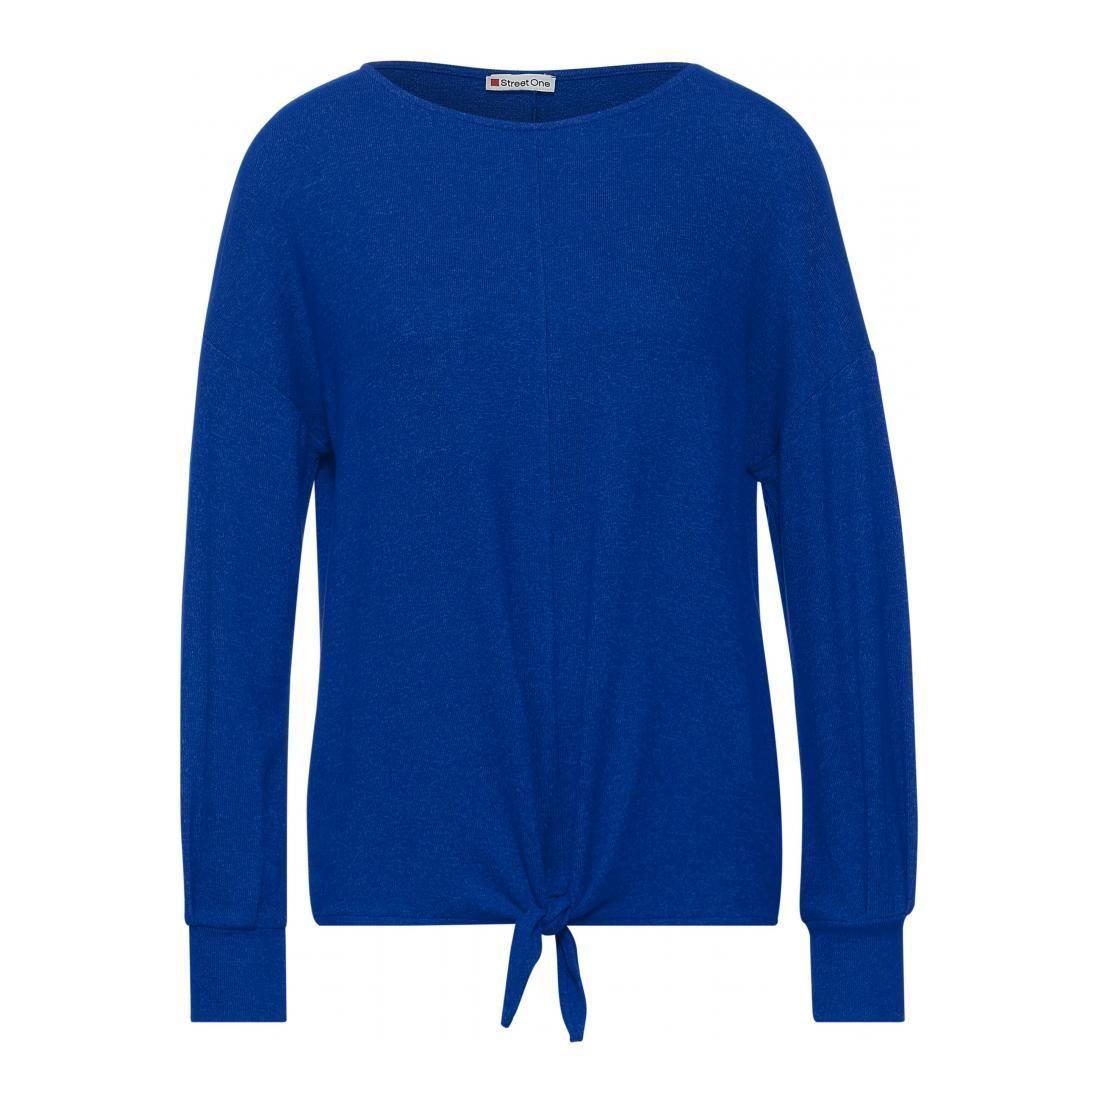 Street One Longsleeves Damen LTD QR soft shirt w.knot